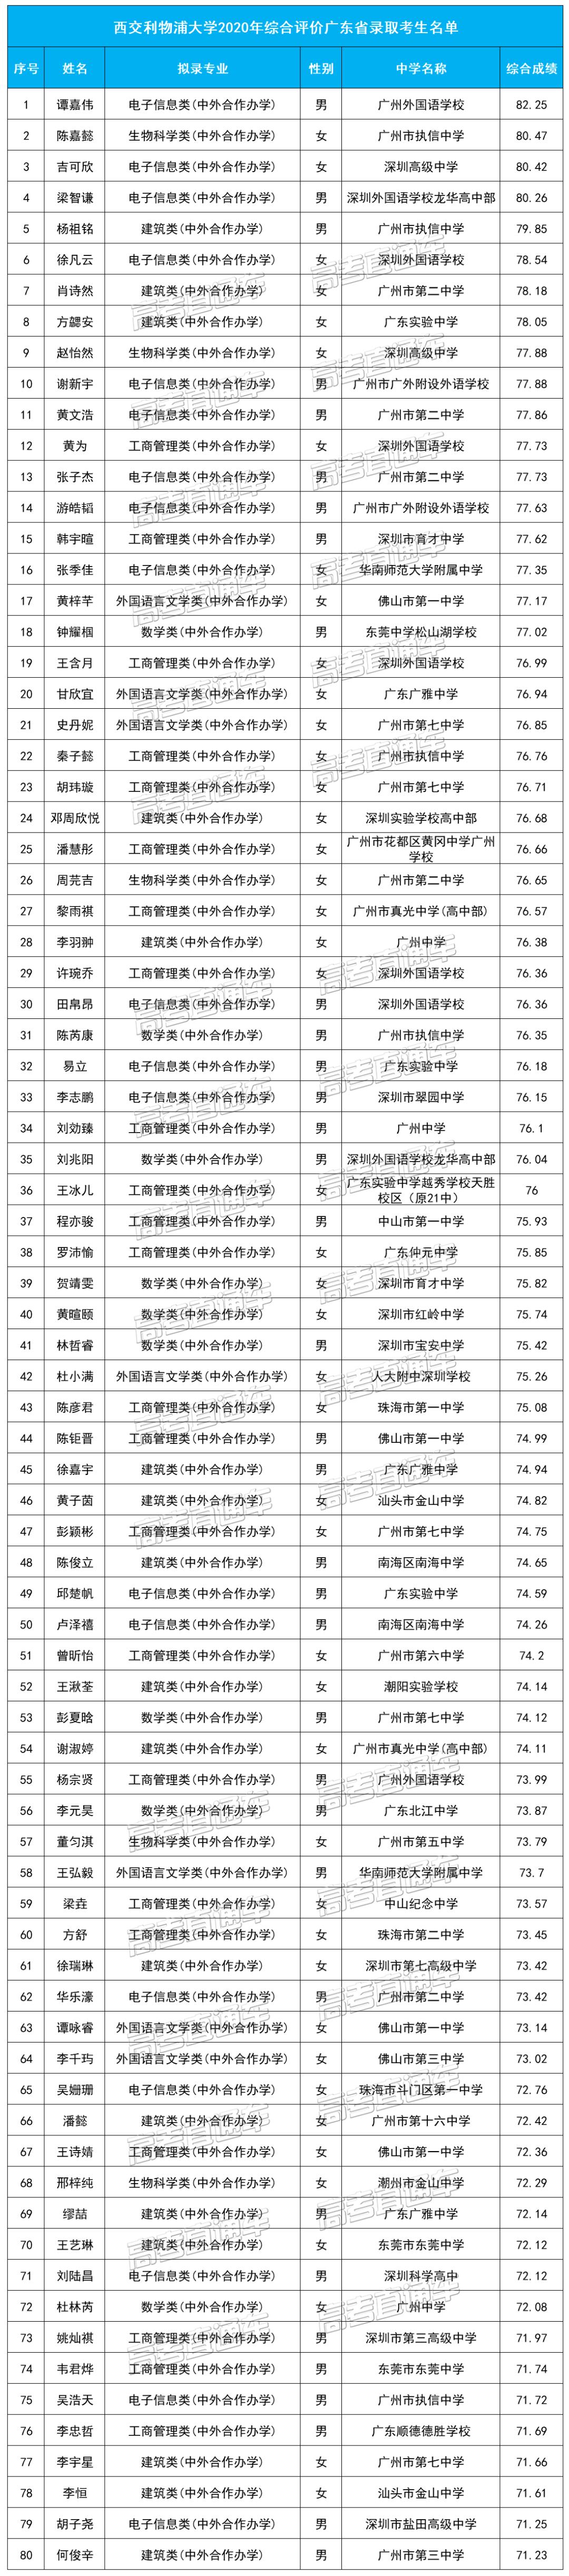 西交利物浦大学2020年综合评价广东省录取考生名单